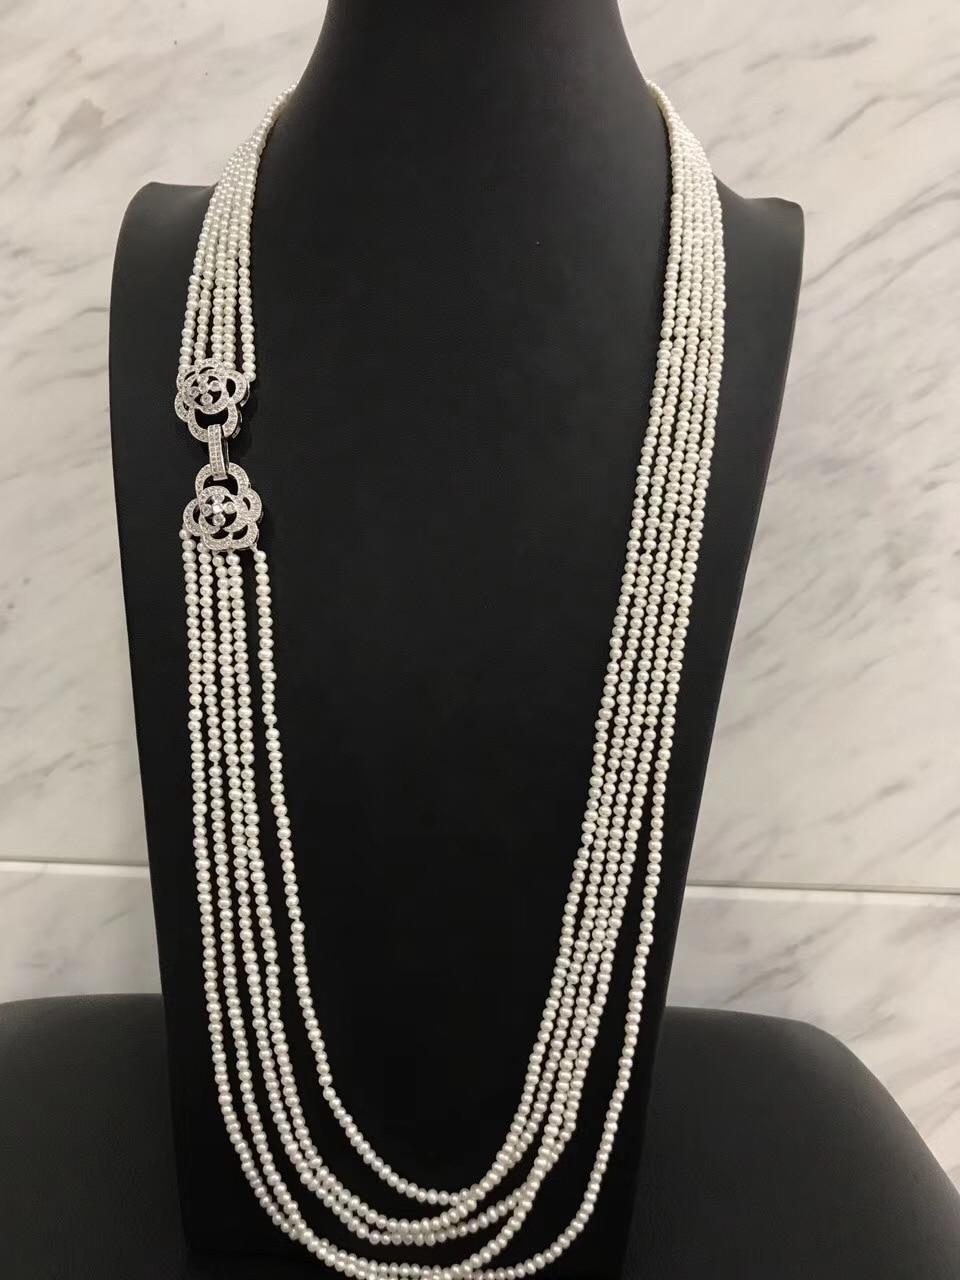 2-3 MM long collier de perles d'eau douce multi couches nearround 76 CM mode femmes bijoux livraison gratuite vraie perle de culture